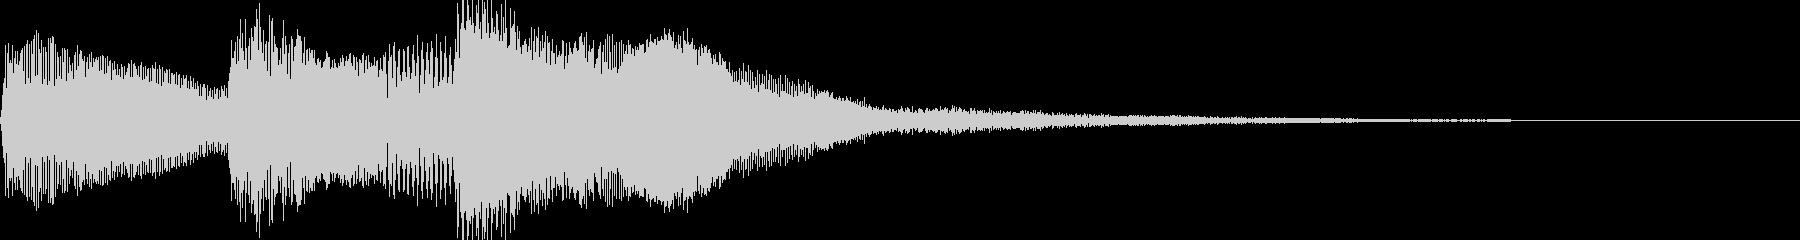 シンプルなジングル【ピアノ】その10ですの未再生の波形